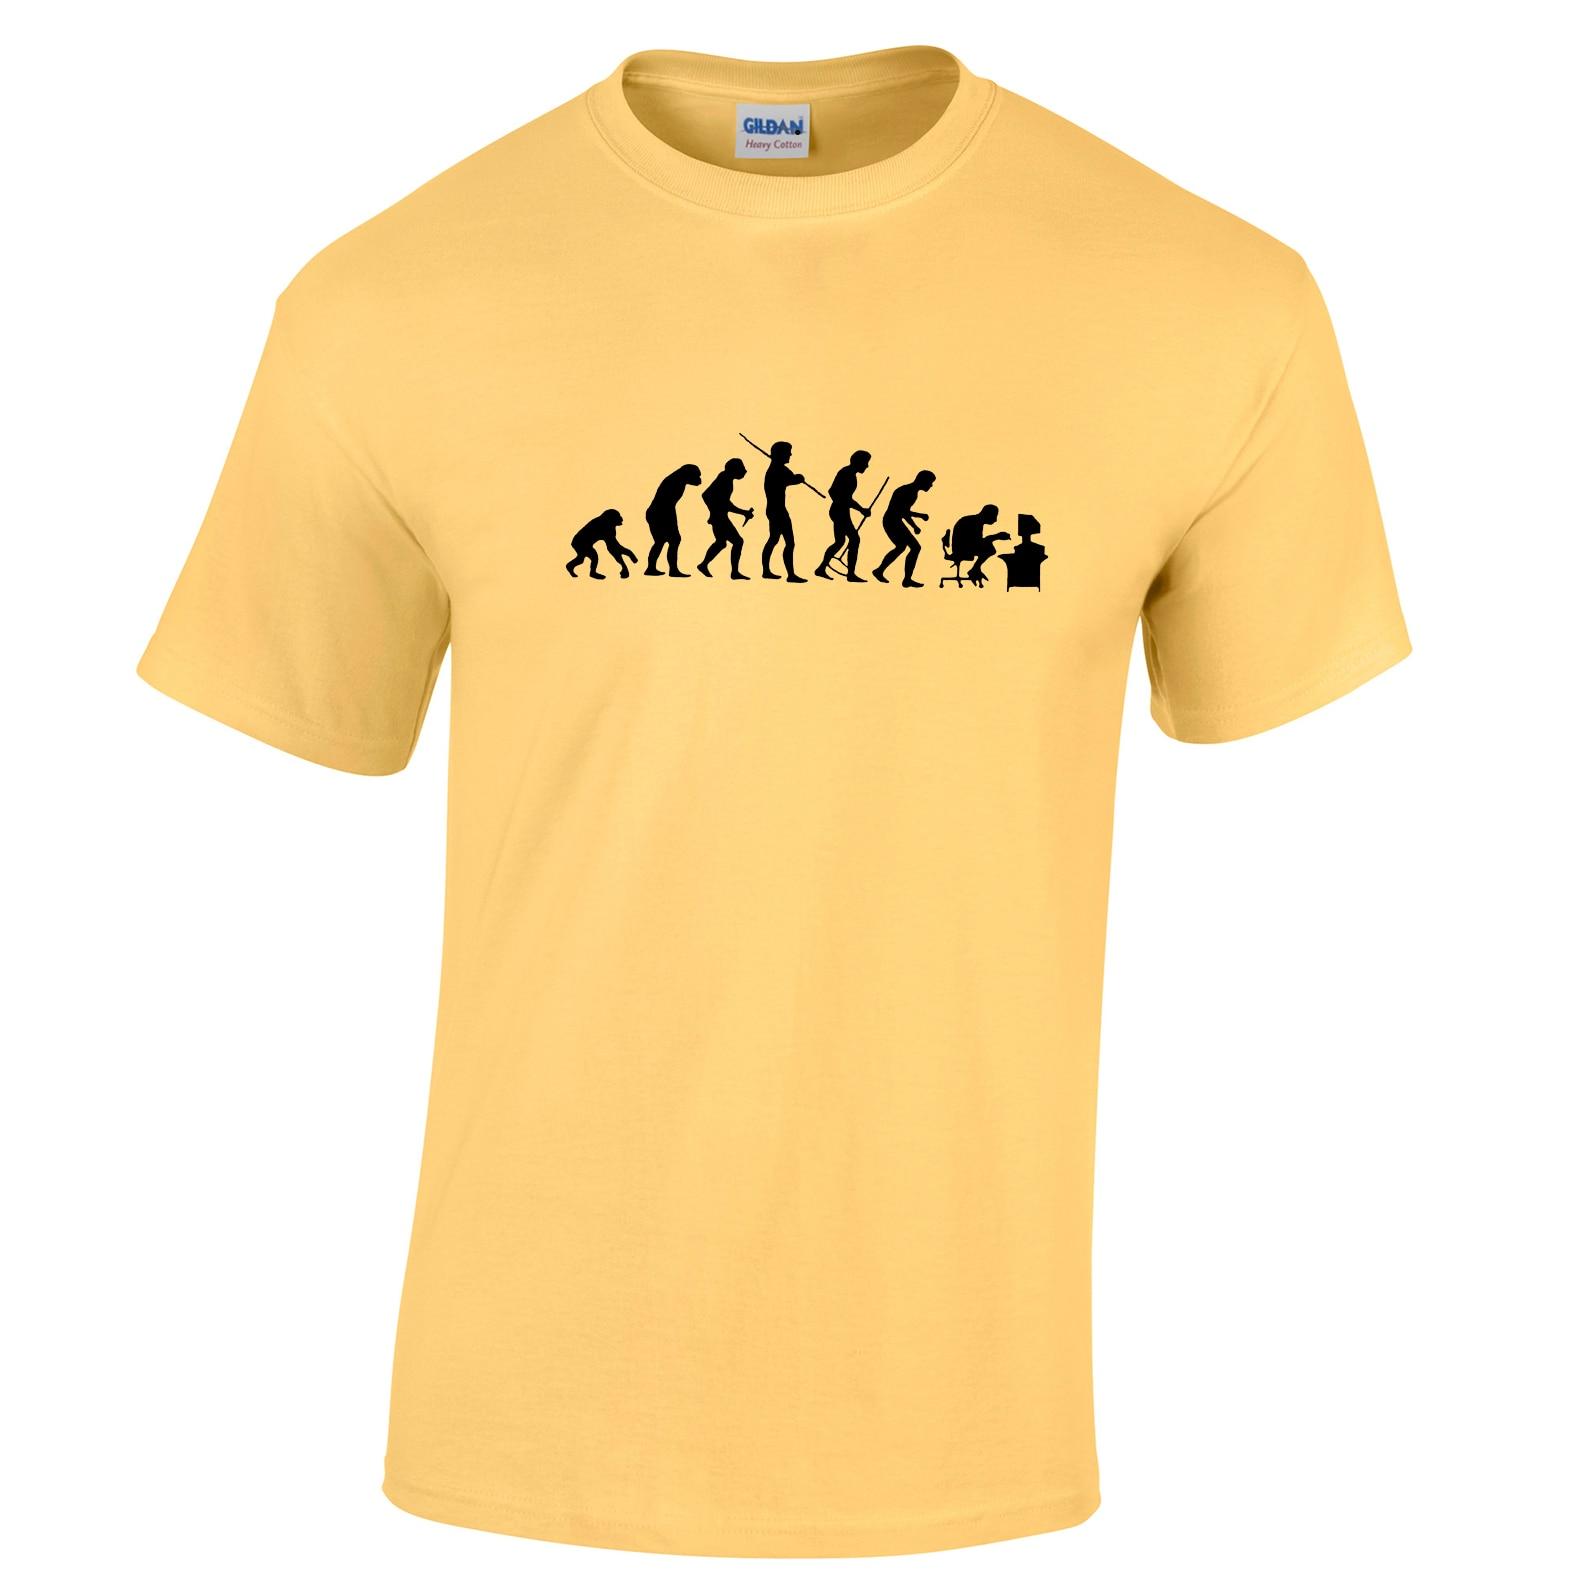 Cool Nerd Shirts Reviews Online Shopping Cool Nerd